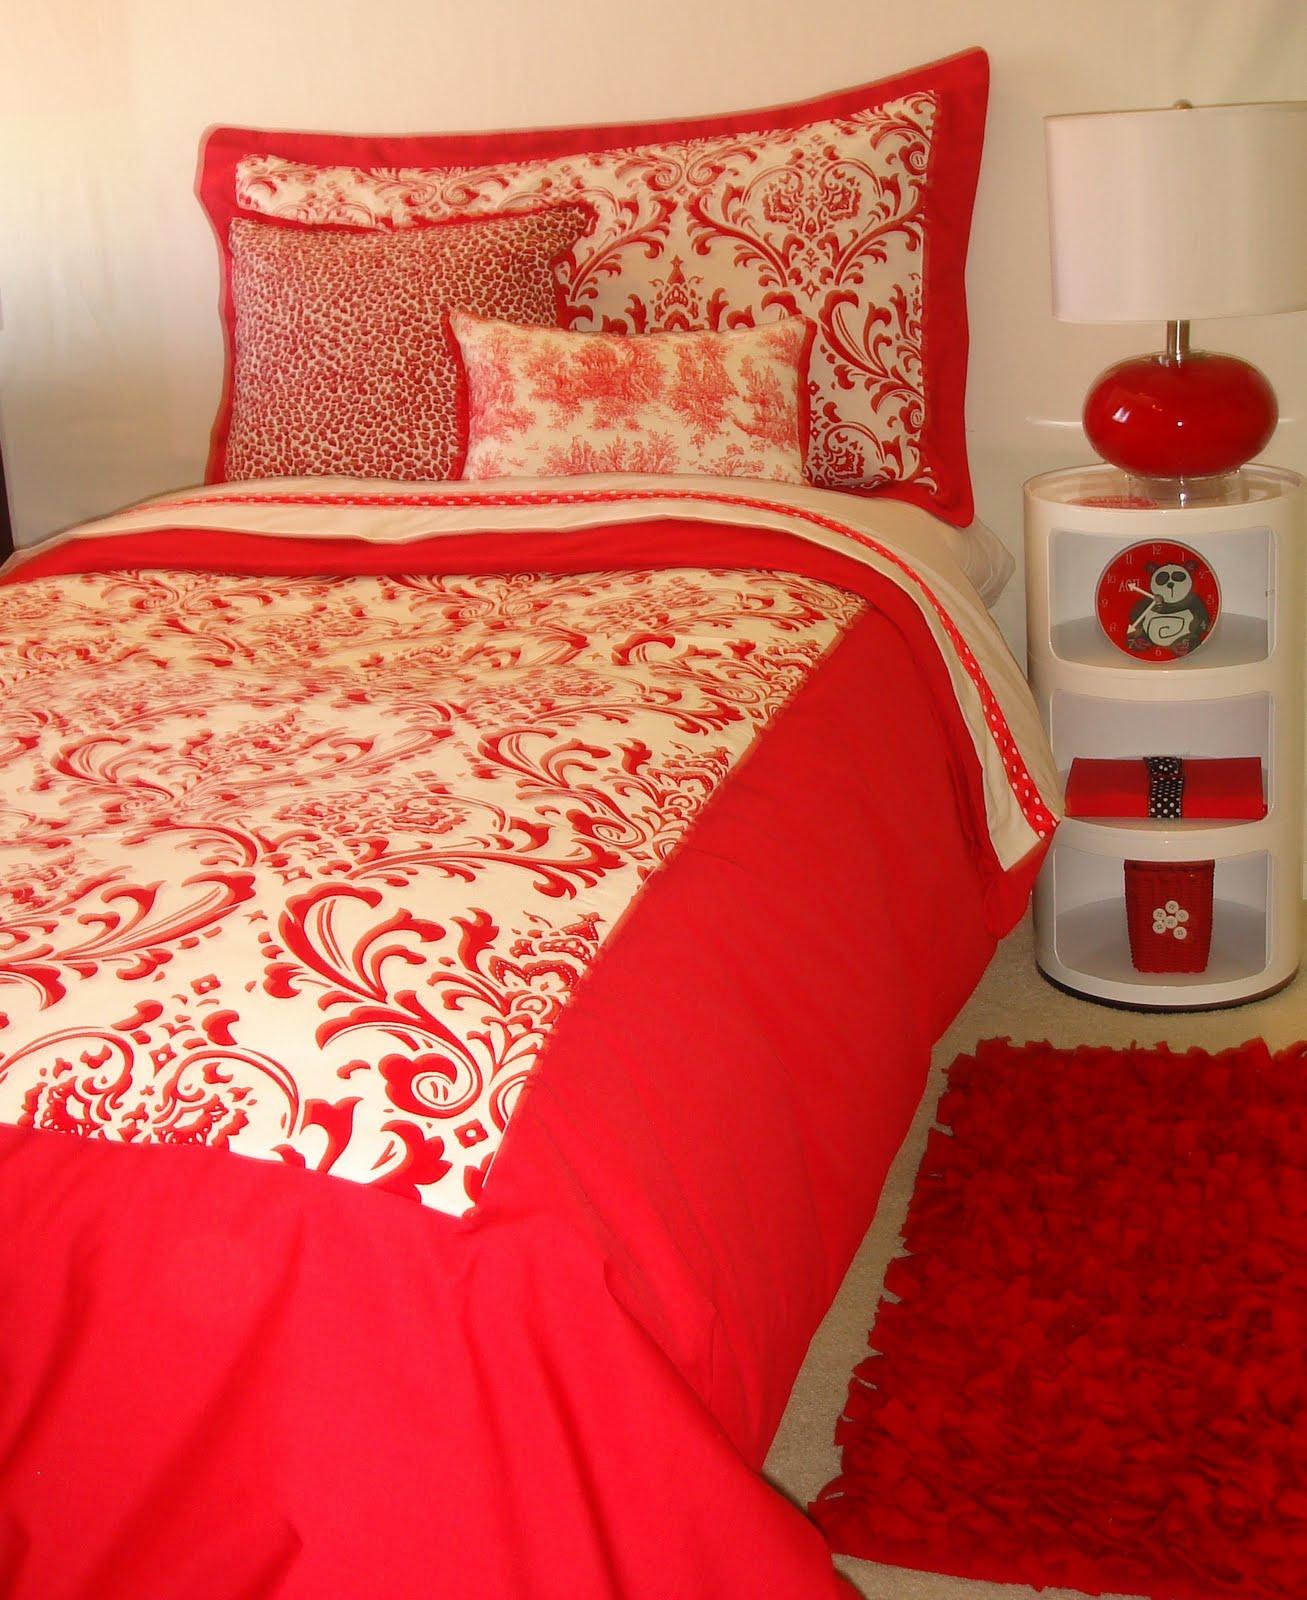 Decor 2 ur door custom dorm bedding dorm room bedding for Decor 2 ur door